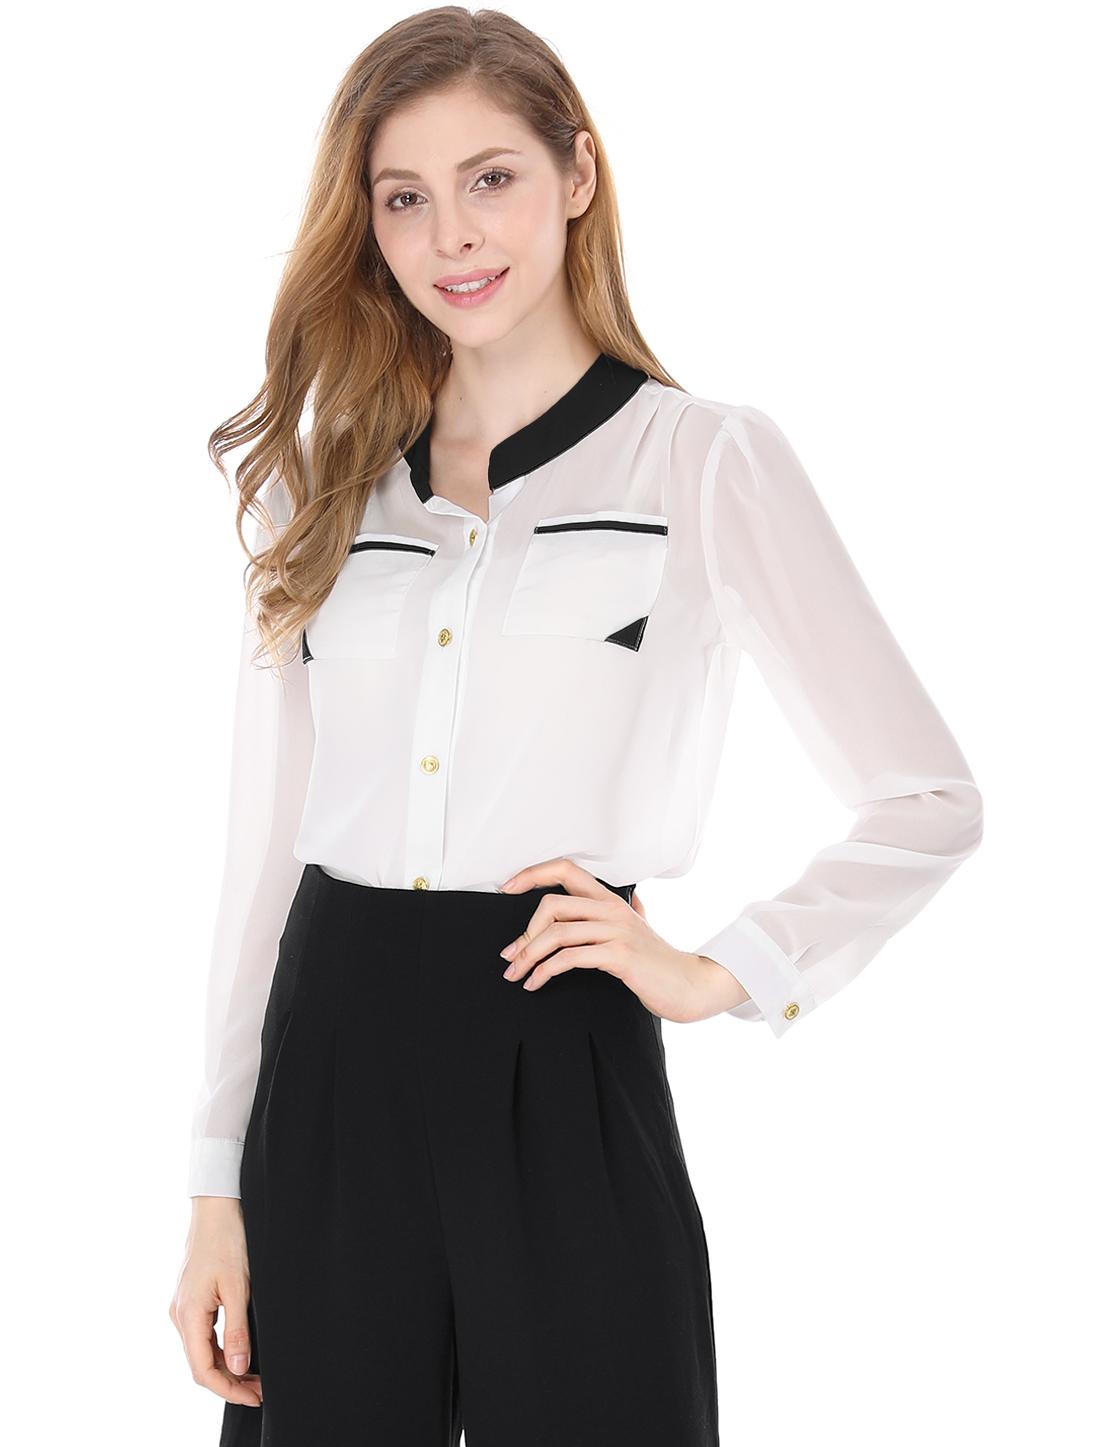 Ladies Two Patch Pockets Semi Sheer Leisure Slim Chiffon Shirt White L